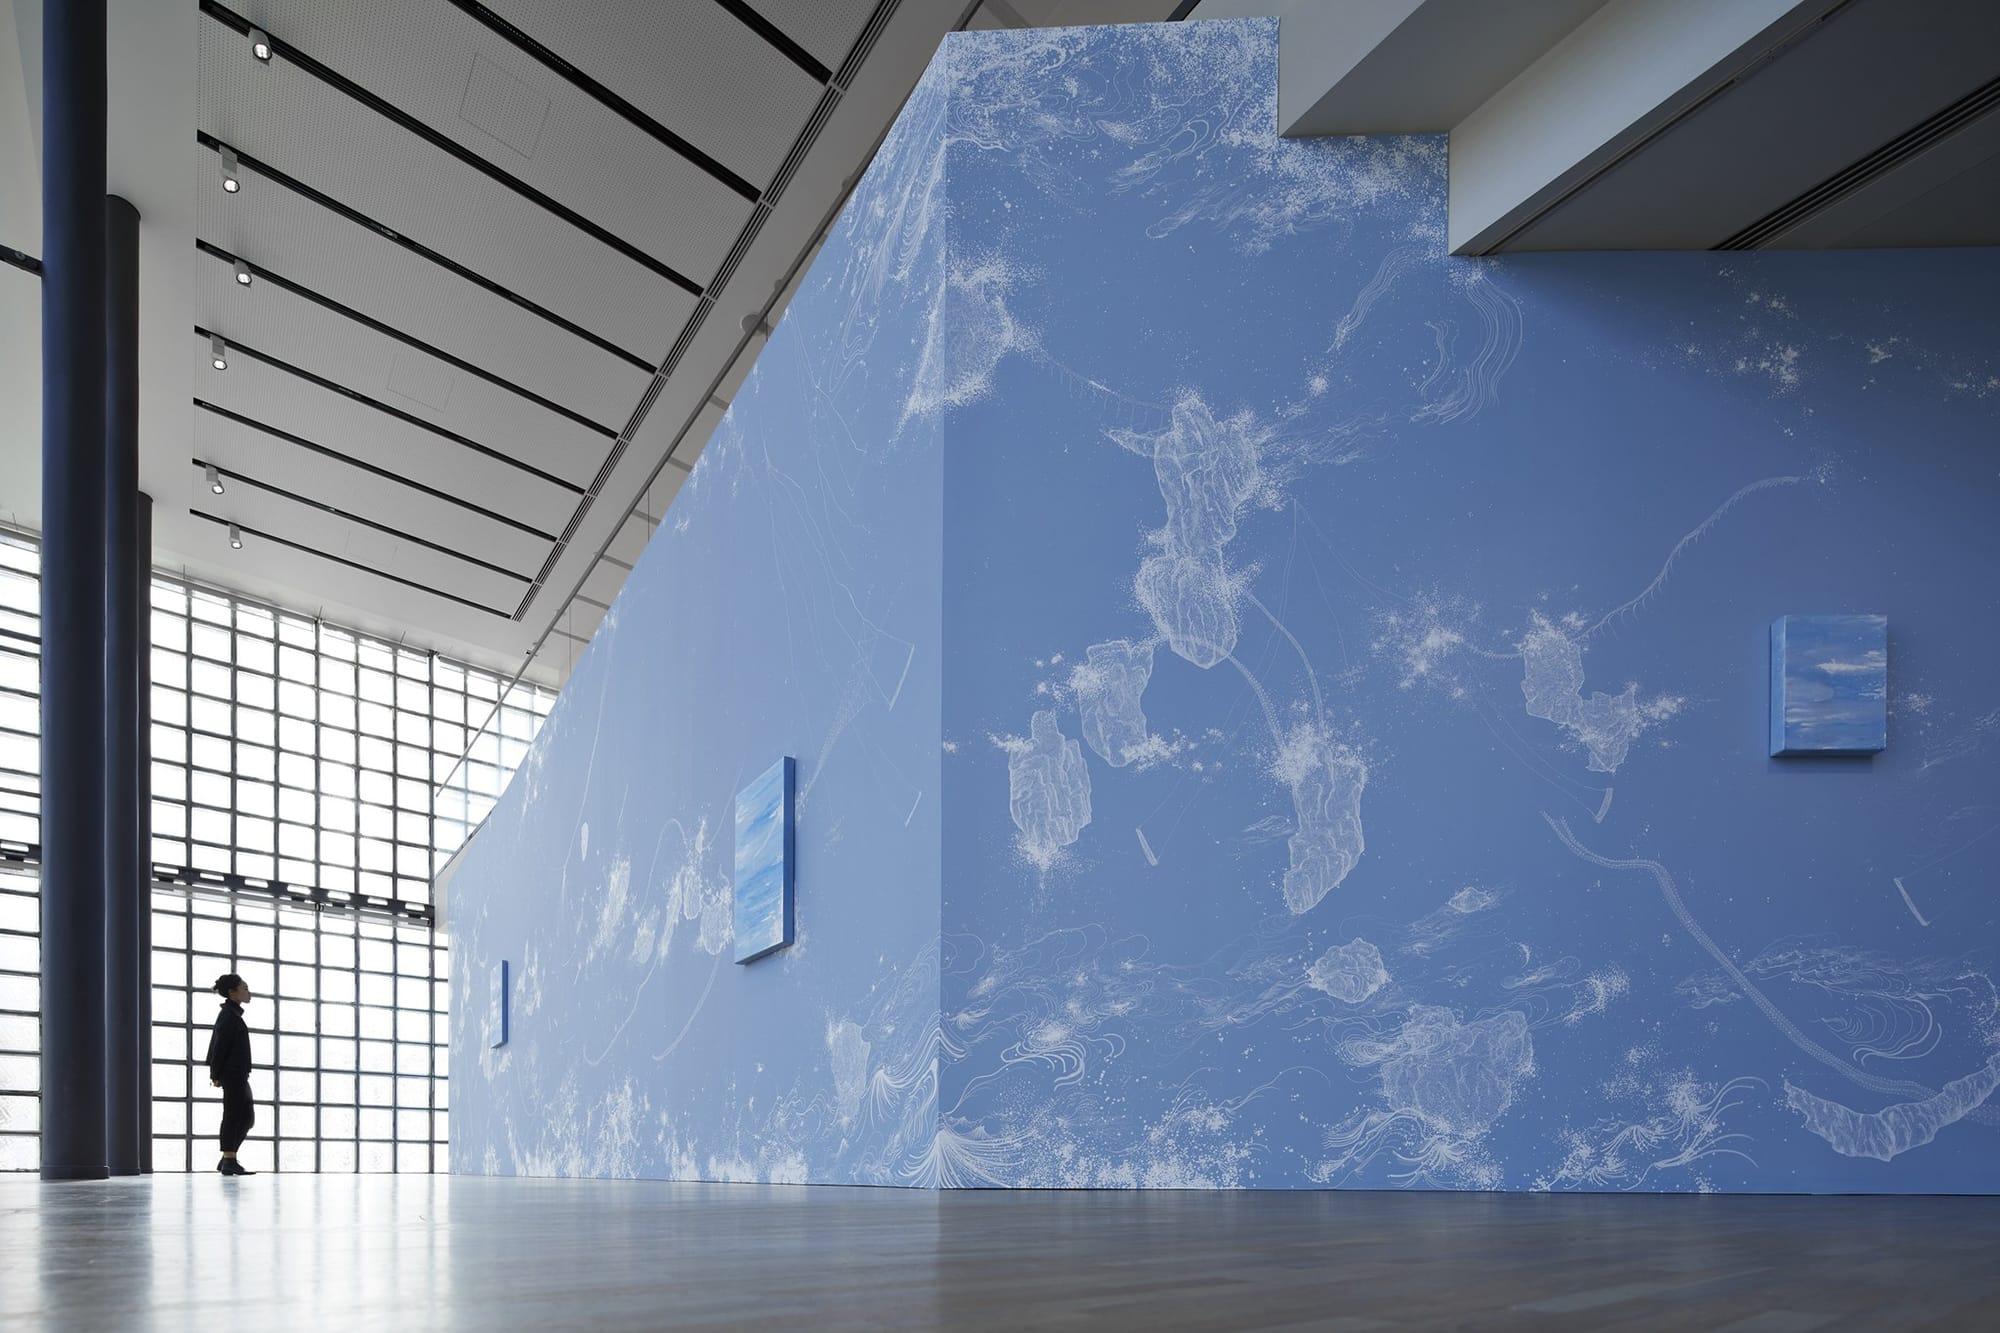 壁一面に広がる宇宙を象徴的に表すブルーをベースとして、繊細なラインで波などのモチーフが描き出されている。  展示風景/ Installation viewコズミック・ガーデン| 2020 | マーカー、アクリル、ペンキ、カンヴァス、木パネル、カーペット、スピーカー Cosmic Garden | 2020 | Permanent pen, acrylic, paint, wood panel, carpet, speaker ©Nacása & Partners Inc. / Courtesy of Fondation d'entreprise Hermès